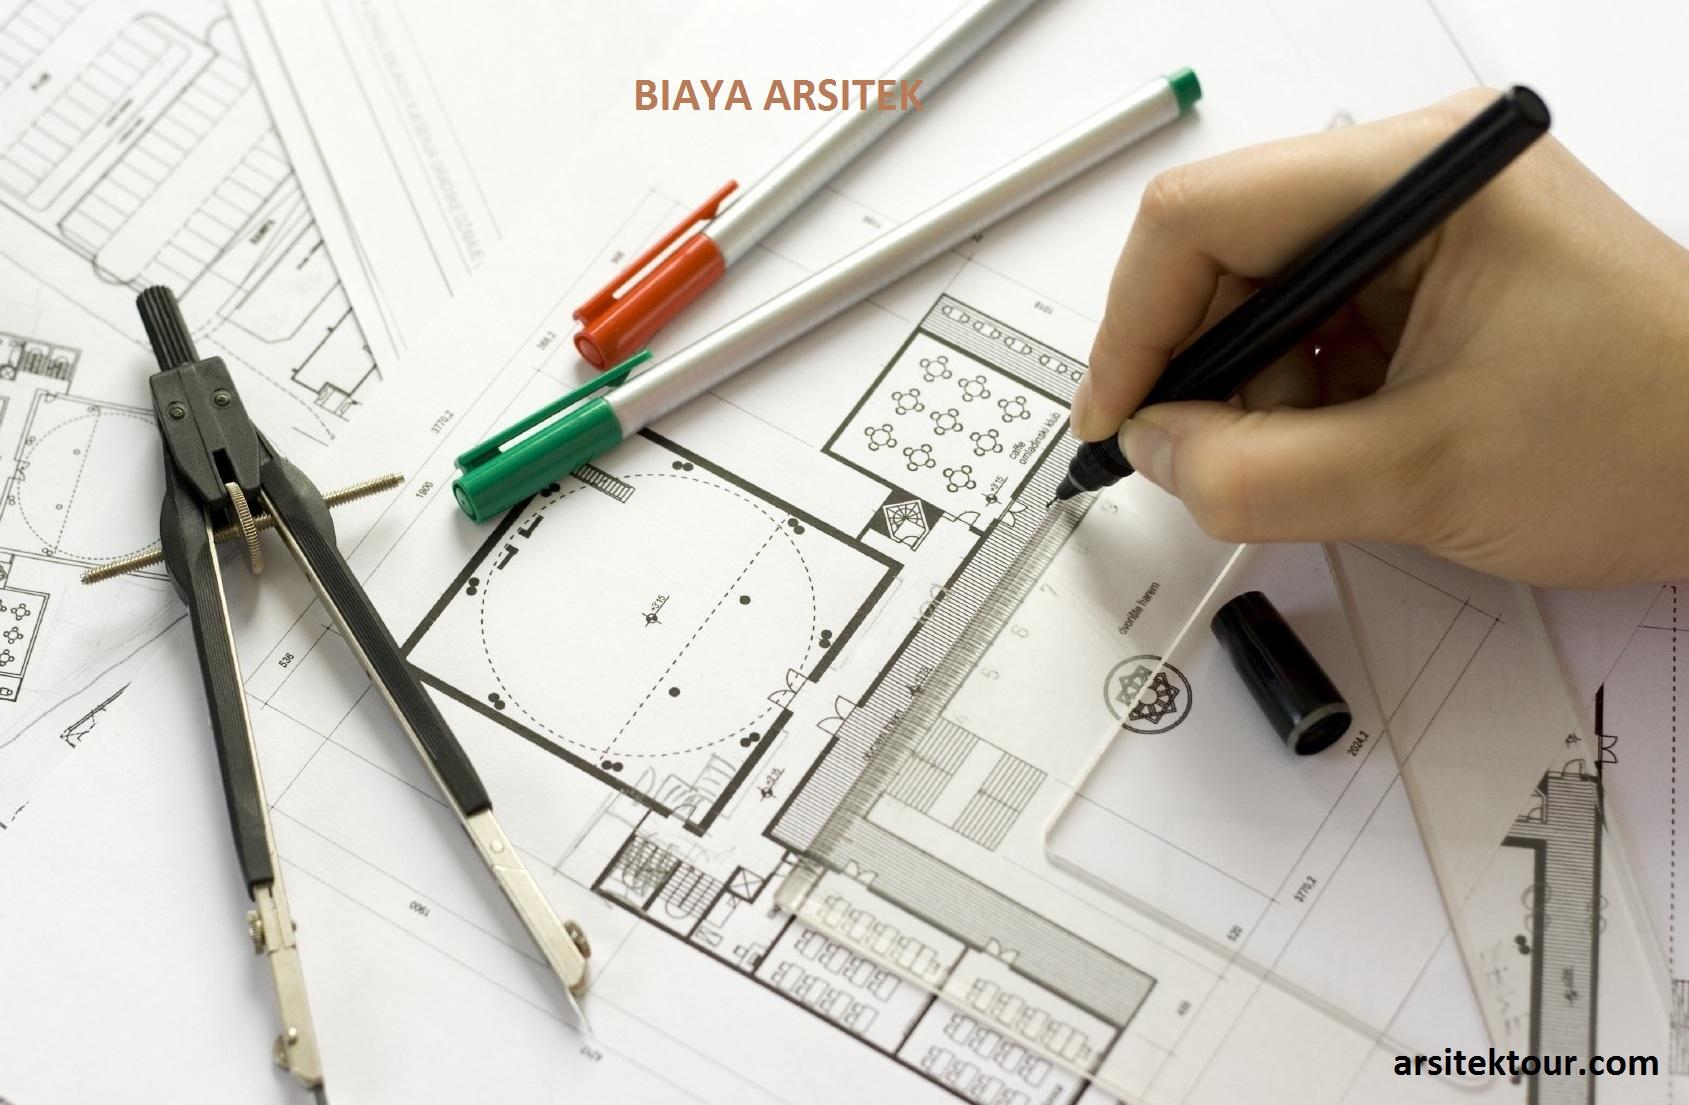 Biaya untuk jasa arsitek